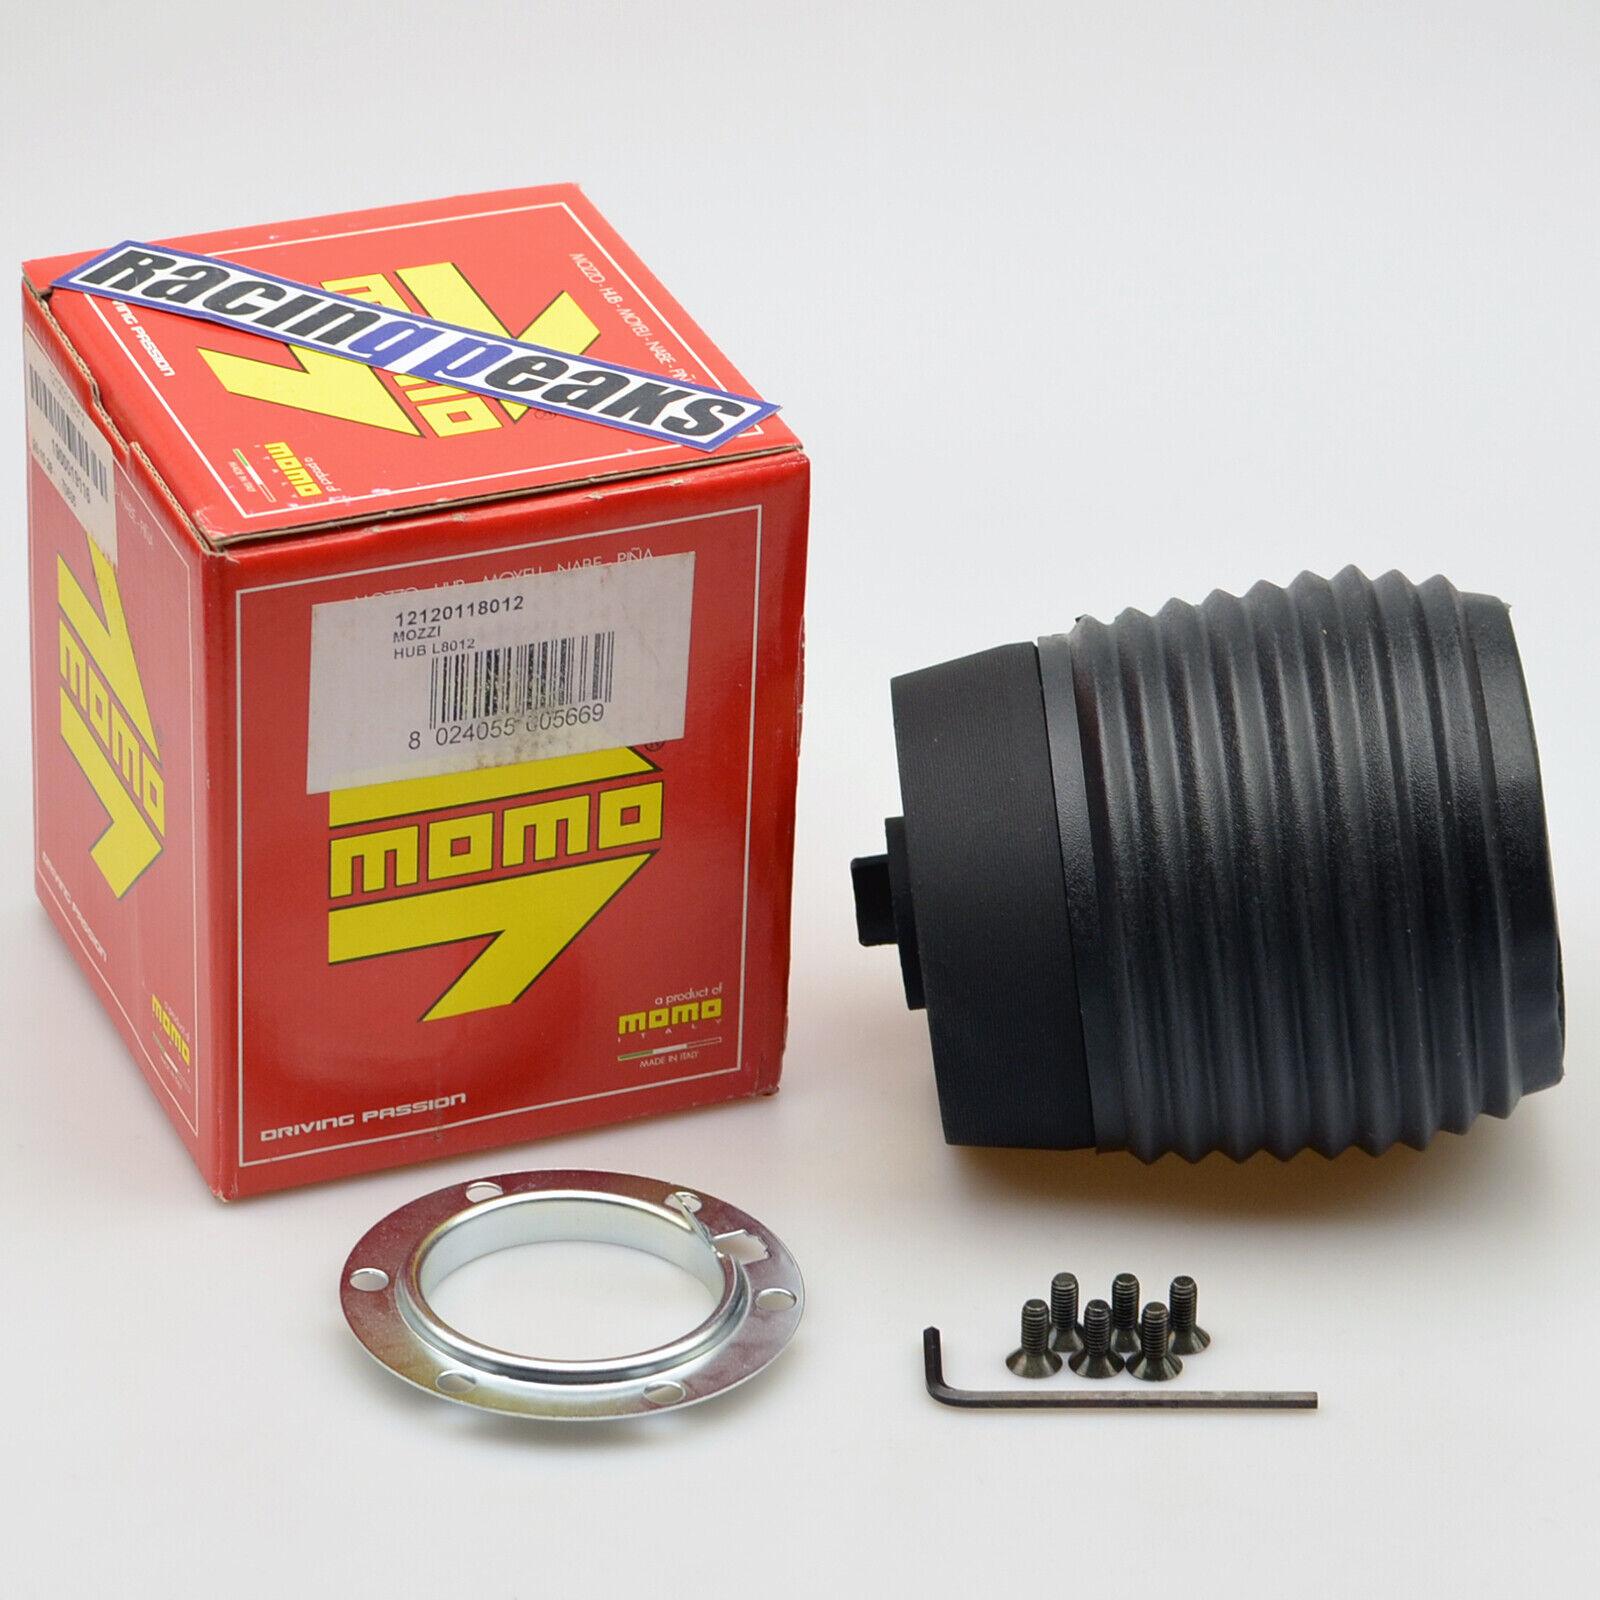 NEW  Genuine Momo steering wheel hub boss kit ML8012 VW Transporter Camper T3 T4